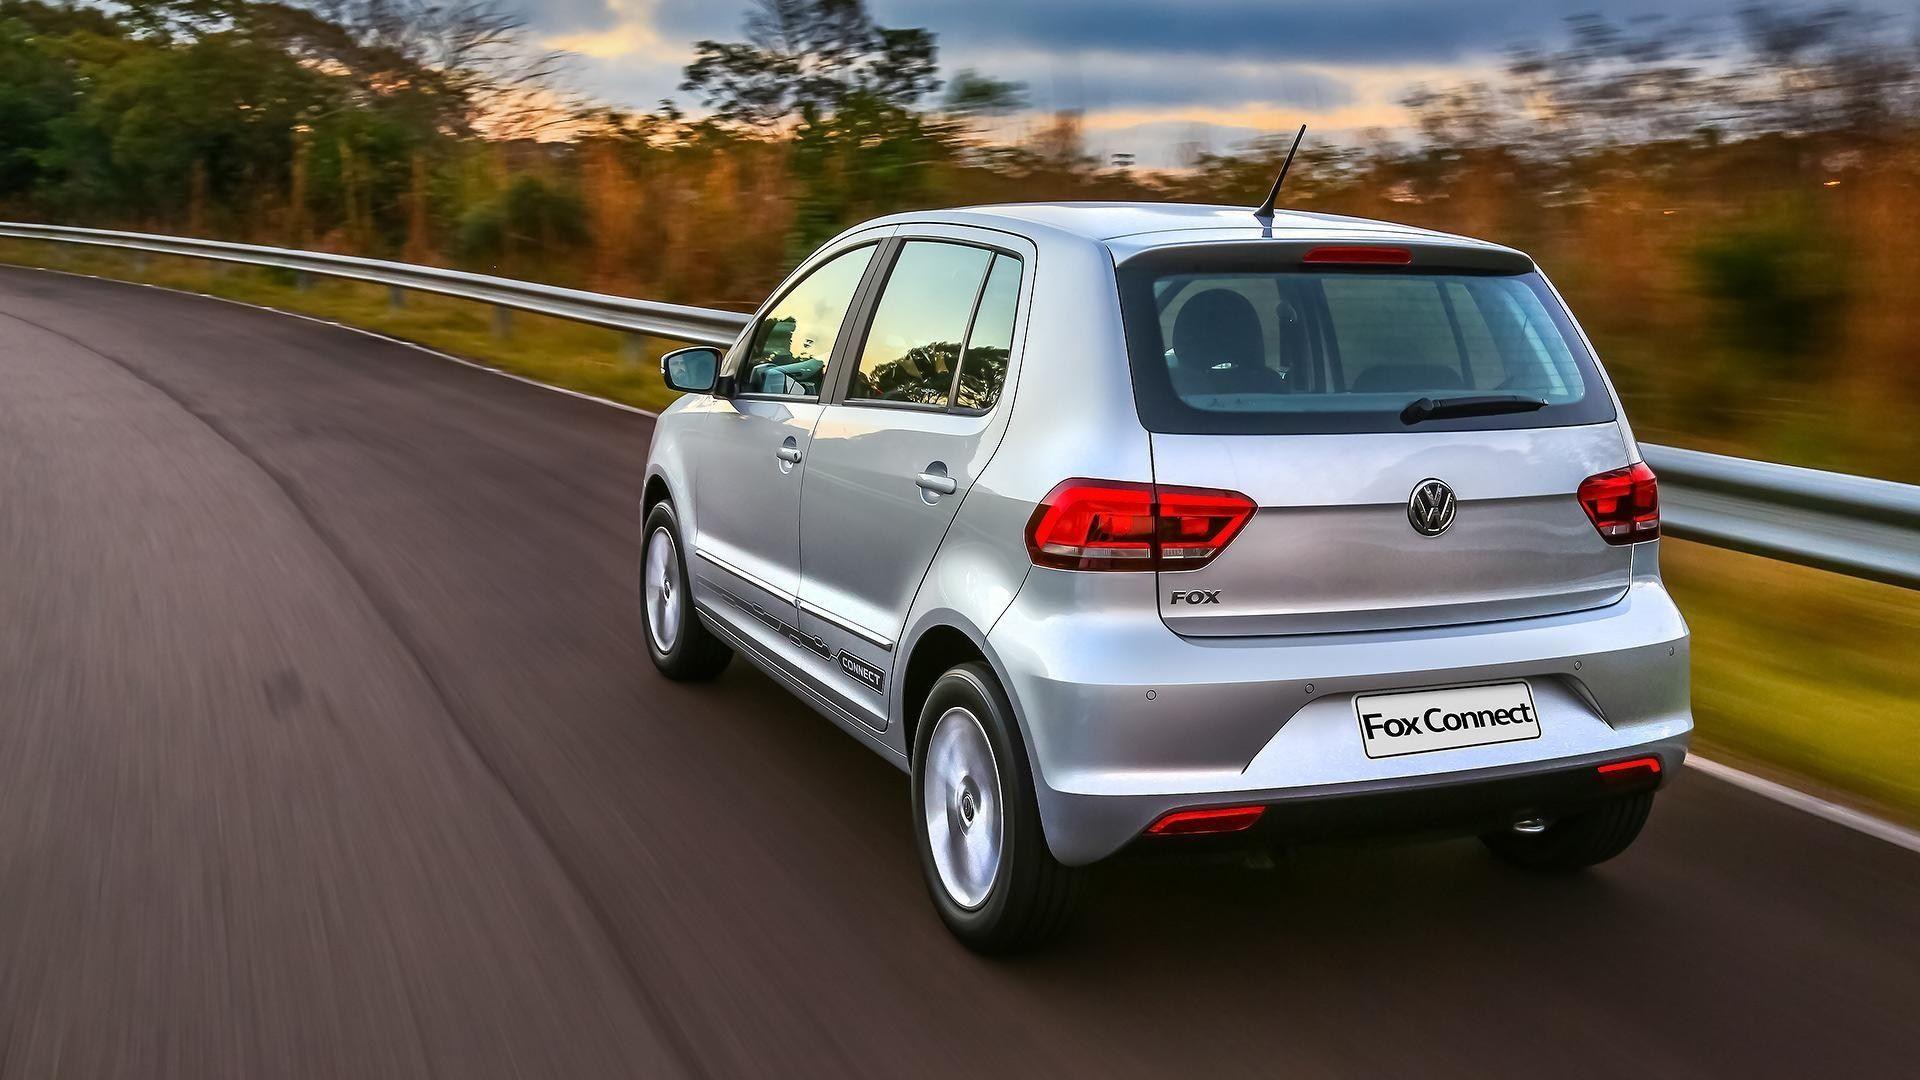 Bom De Loja Vw Fox Ganha Sobrevida Ate A Chegada Do Novo Gol First Drive Vw Fox Car Volkswagen